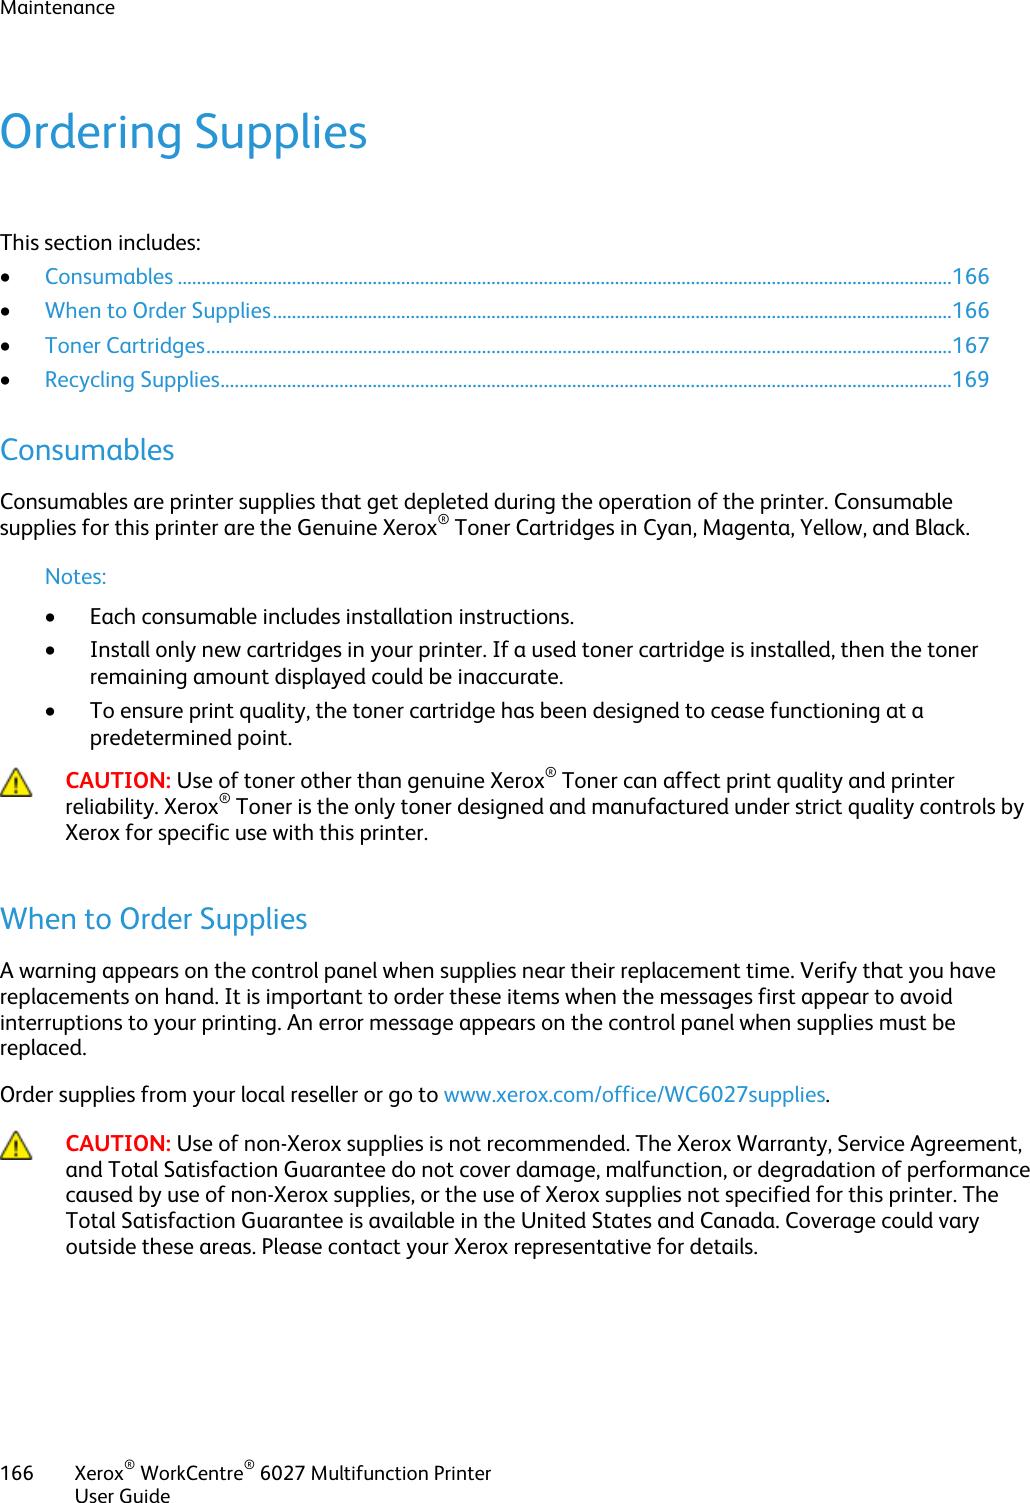 Xerox Workcentre 6027 Users Manual Xerox® WorkCentre